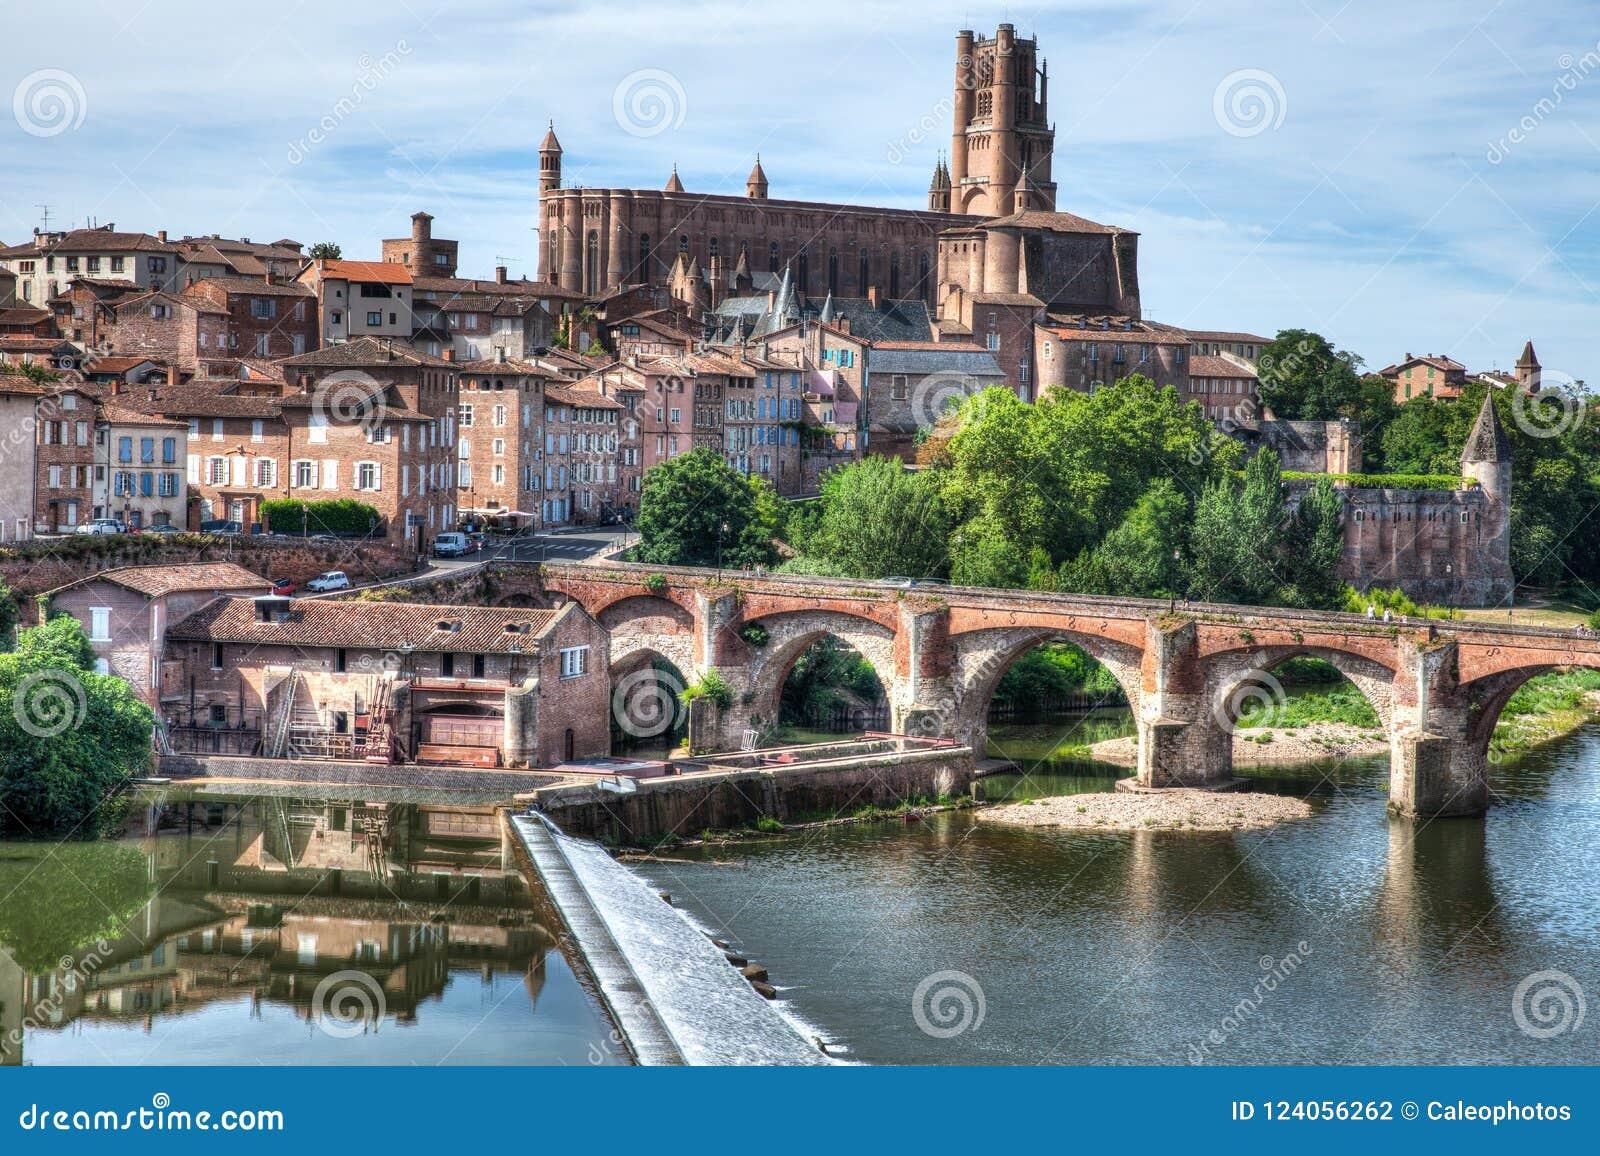 Kathedrale von Albi Frankreich mit dem Fluss im Vordergrund